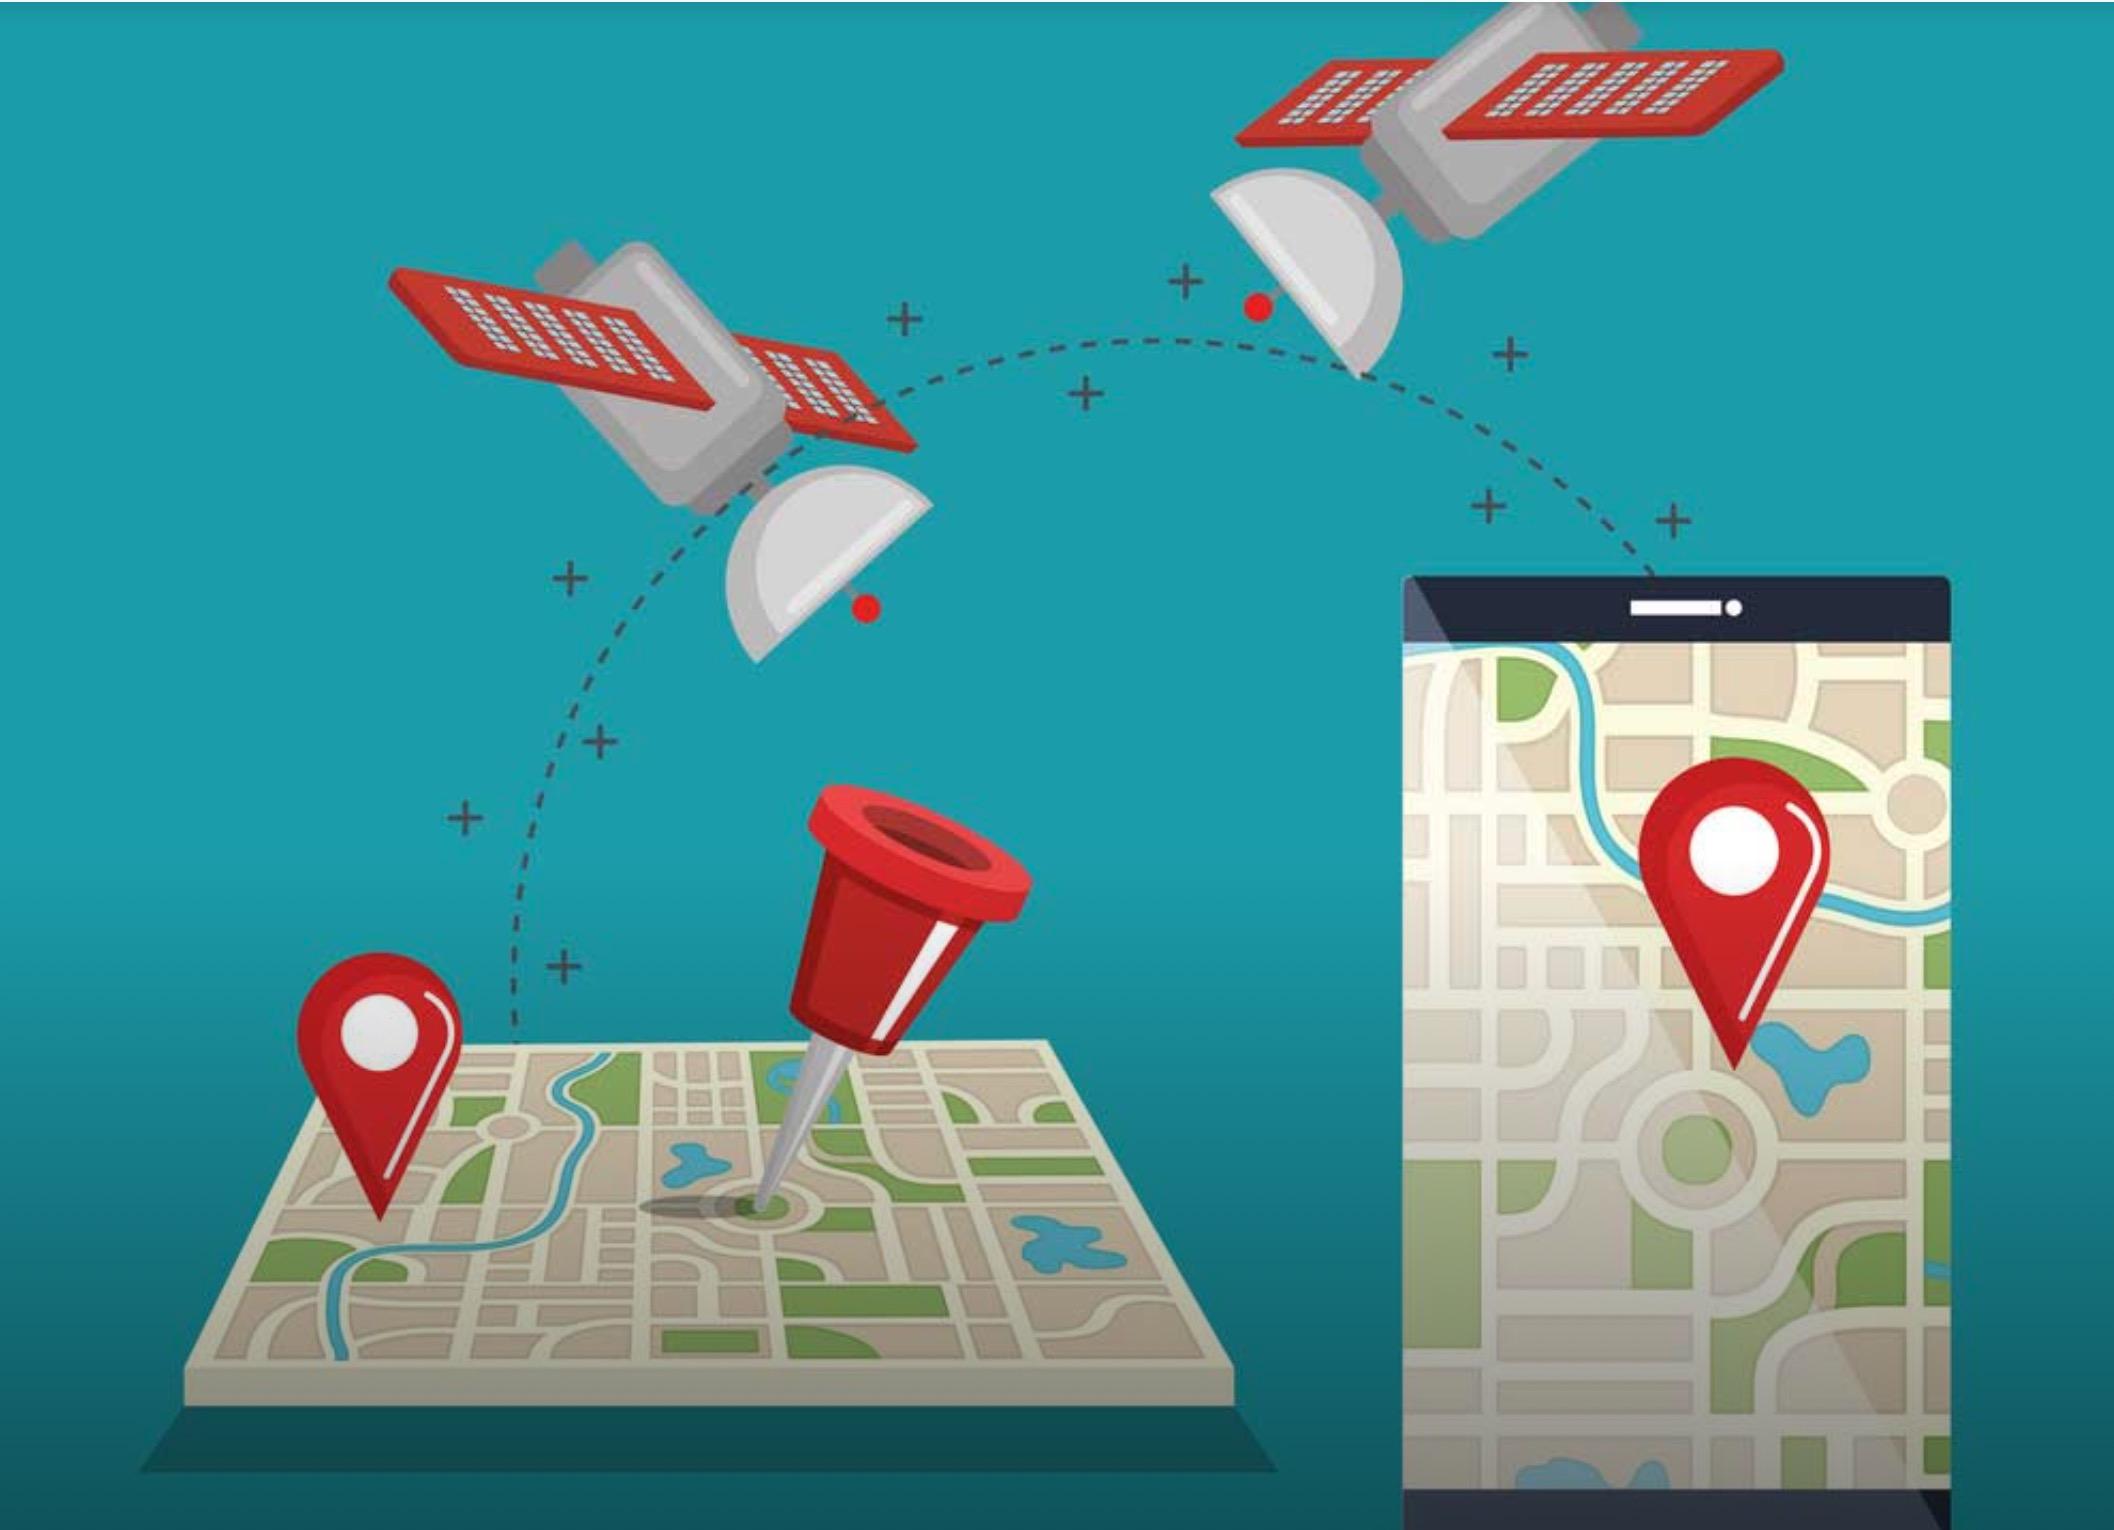 نقشههای آنلاین و نرمافزارهای مسیریاب چگونه کار میکنند؟ / معرفی ۵ نرم افزار مسیریاب آفلاین